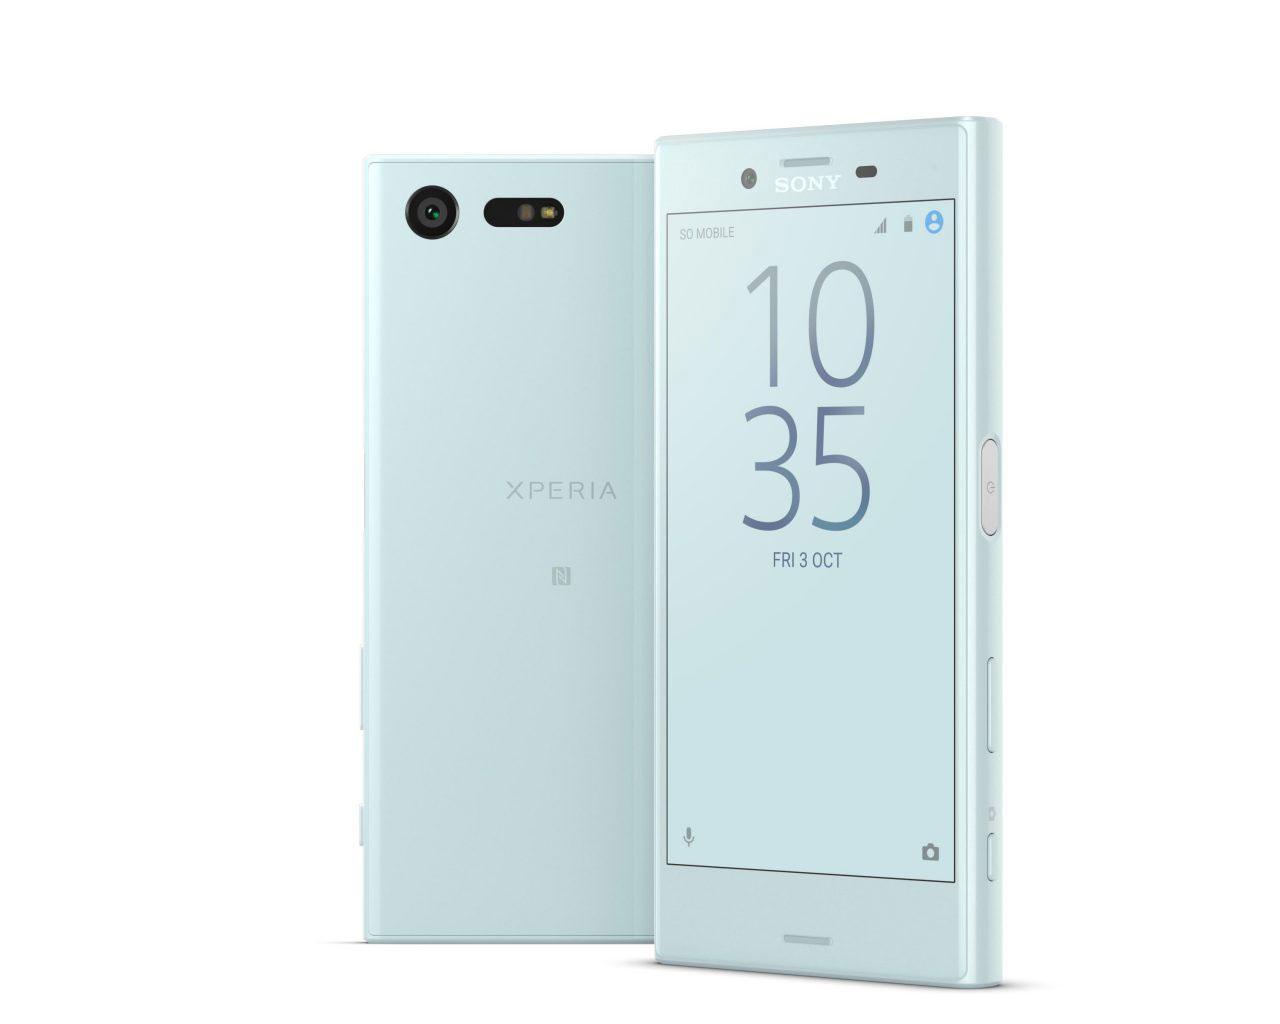 Sony Xperia Compact gris claro vista delantera y trasera